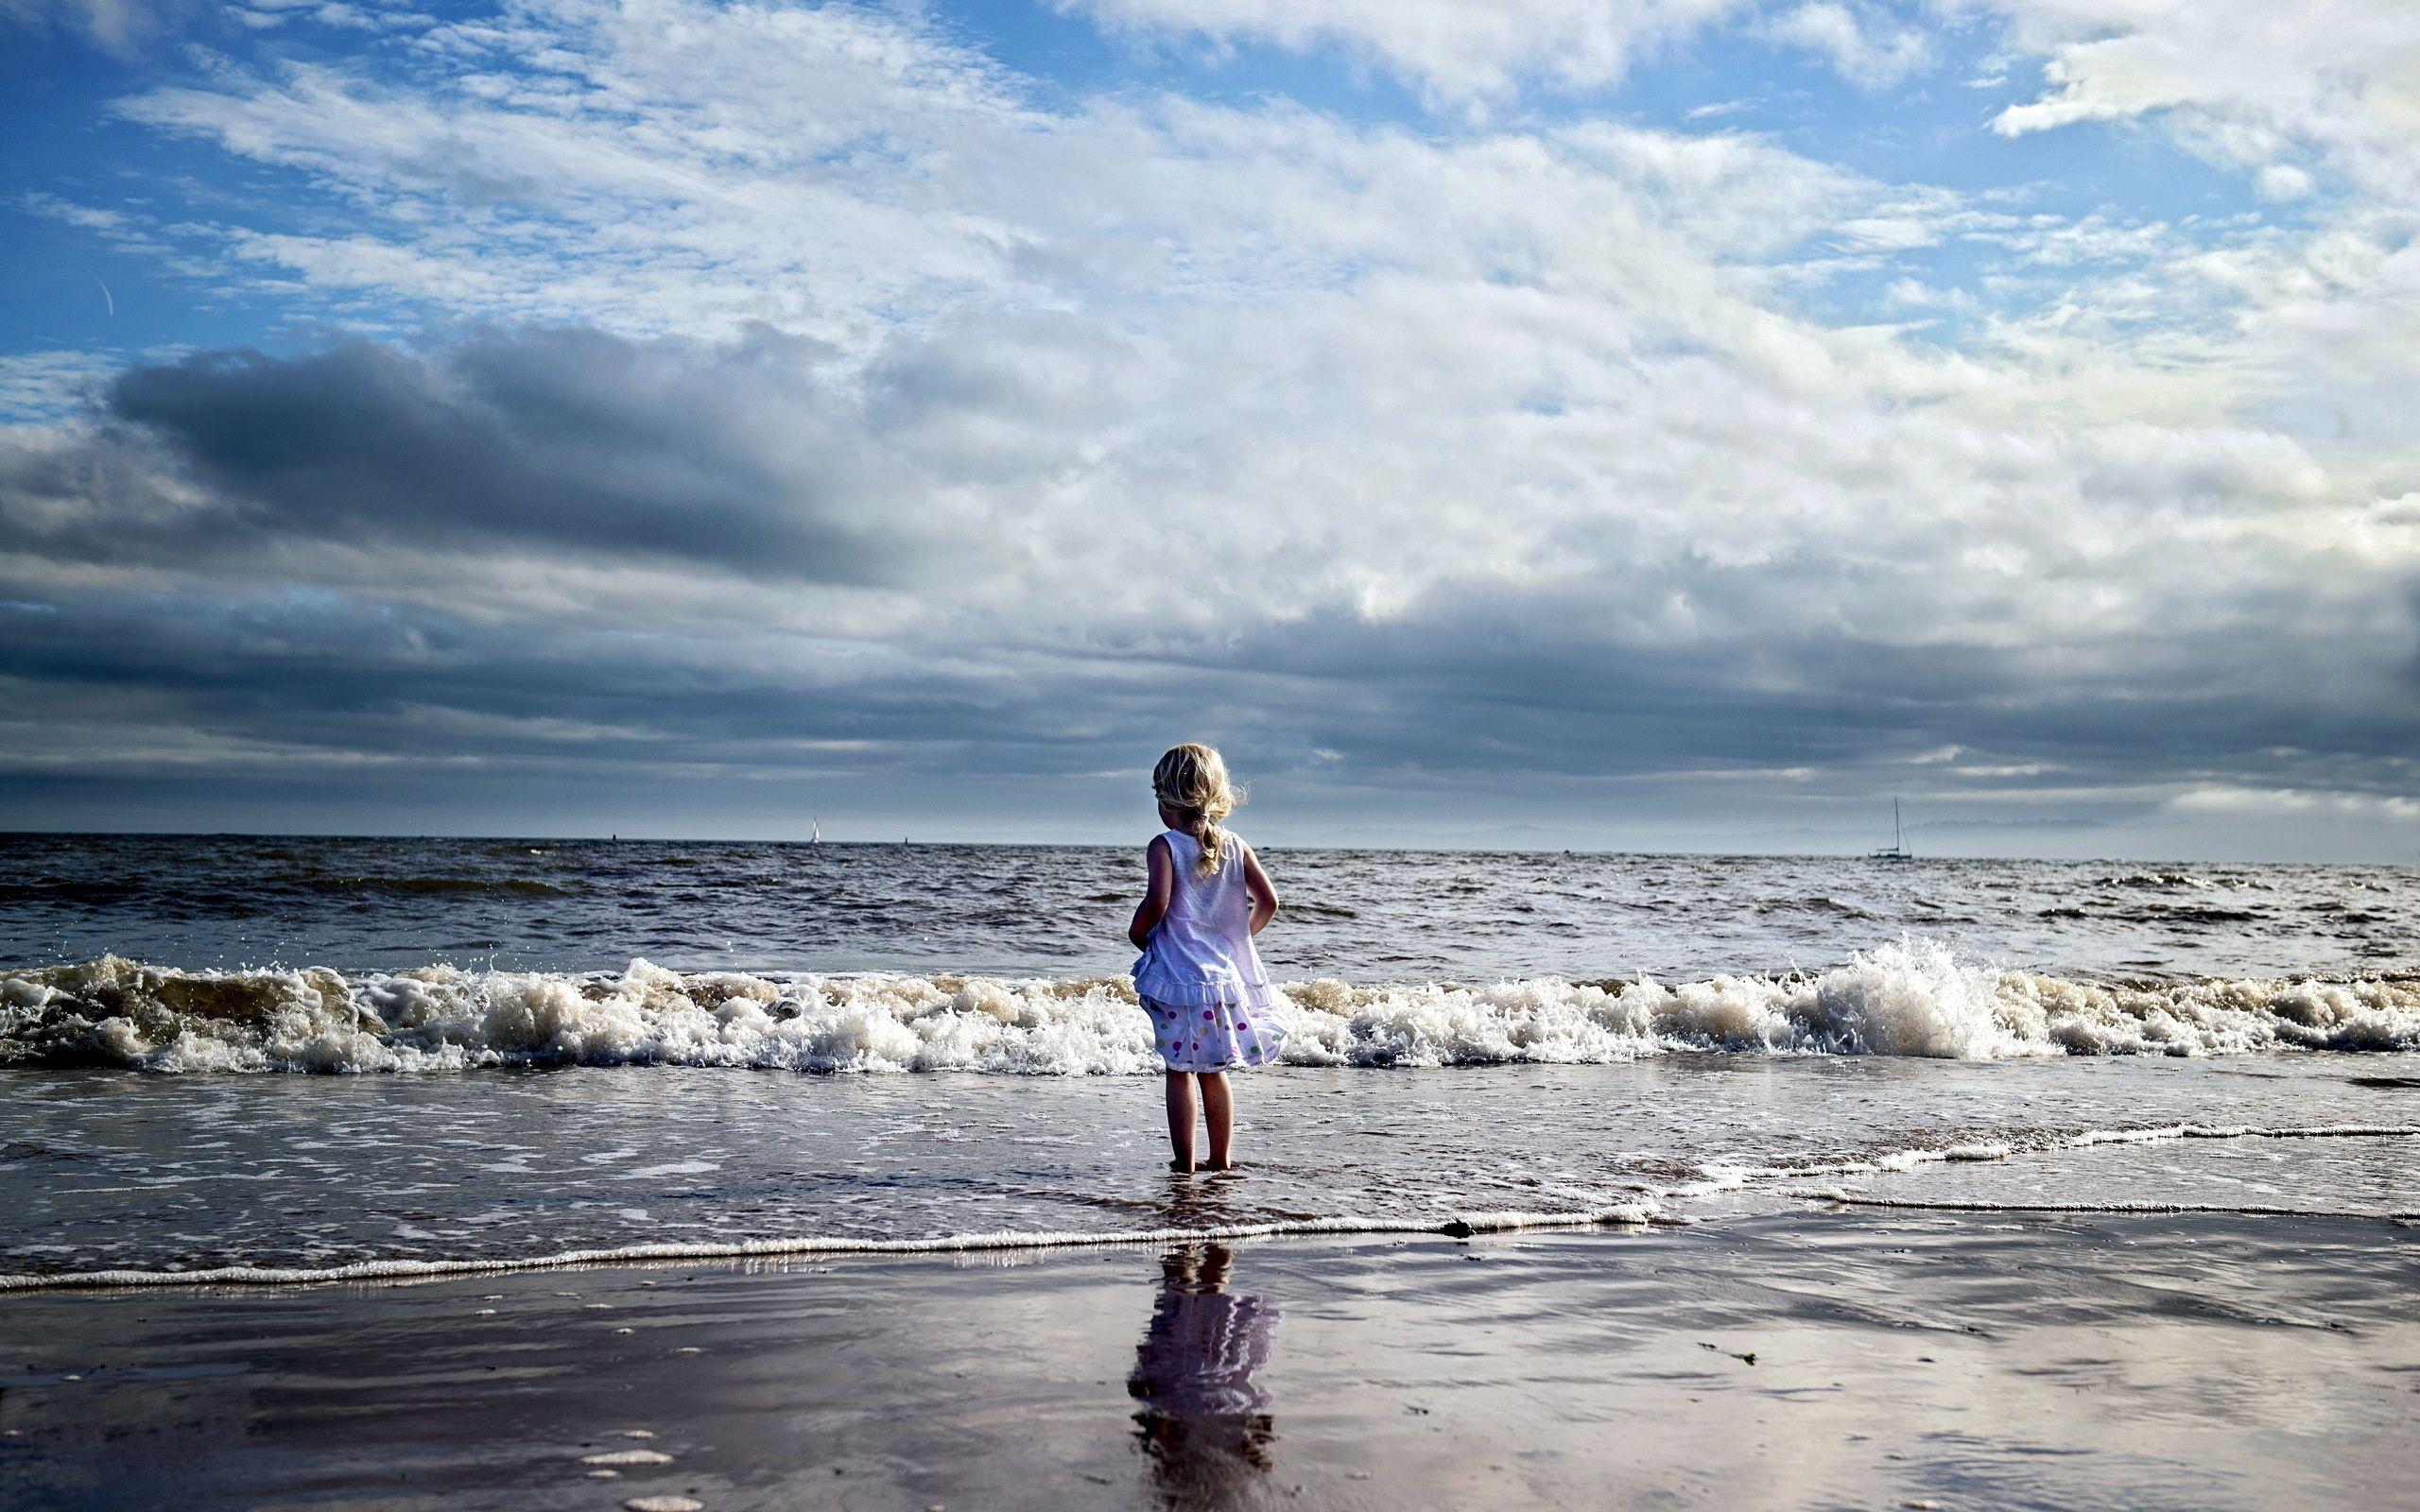 114620 скачать обои Разное, Ребенок, Девочка, Берег, Море, Волны - заставки и картинки бесплатно